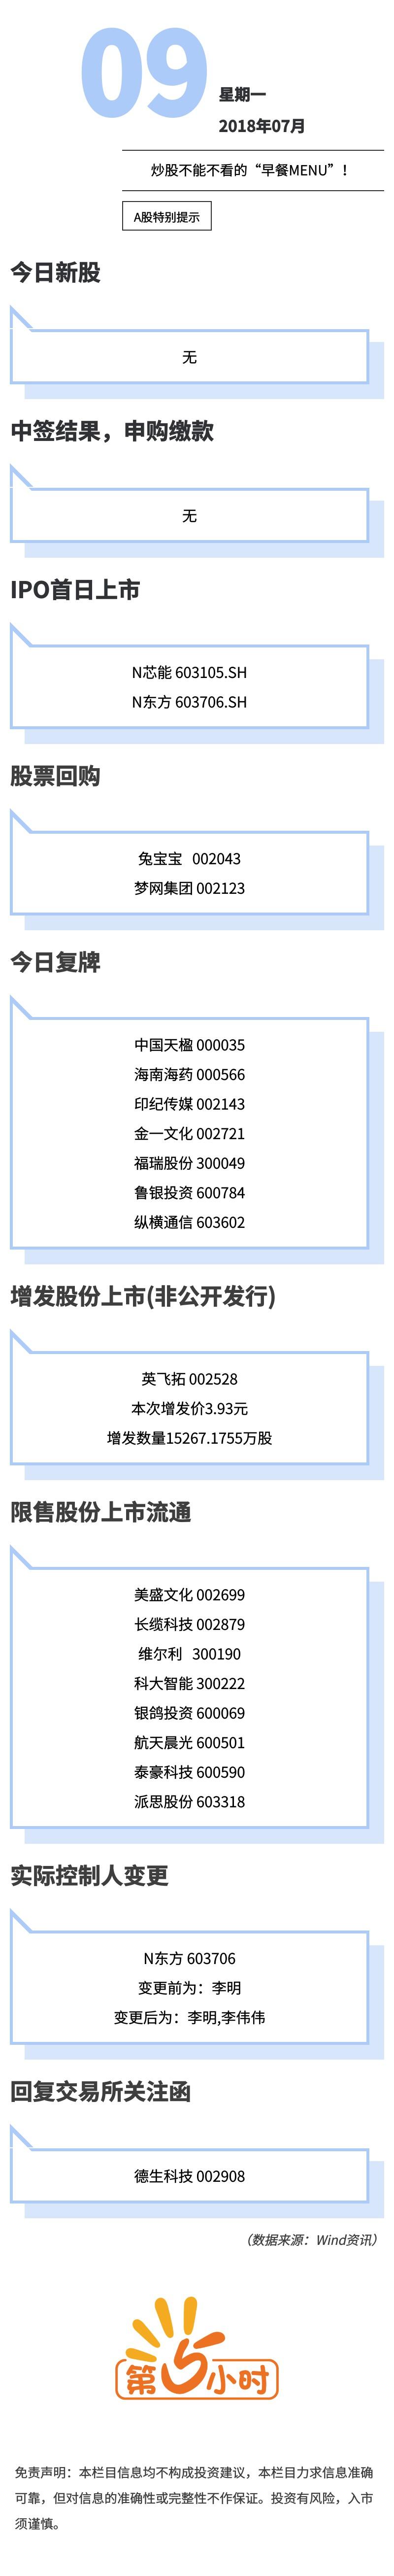 A股特别提示(2018-07-09).jpg